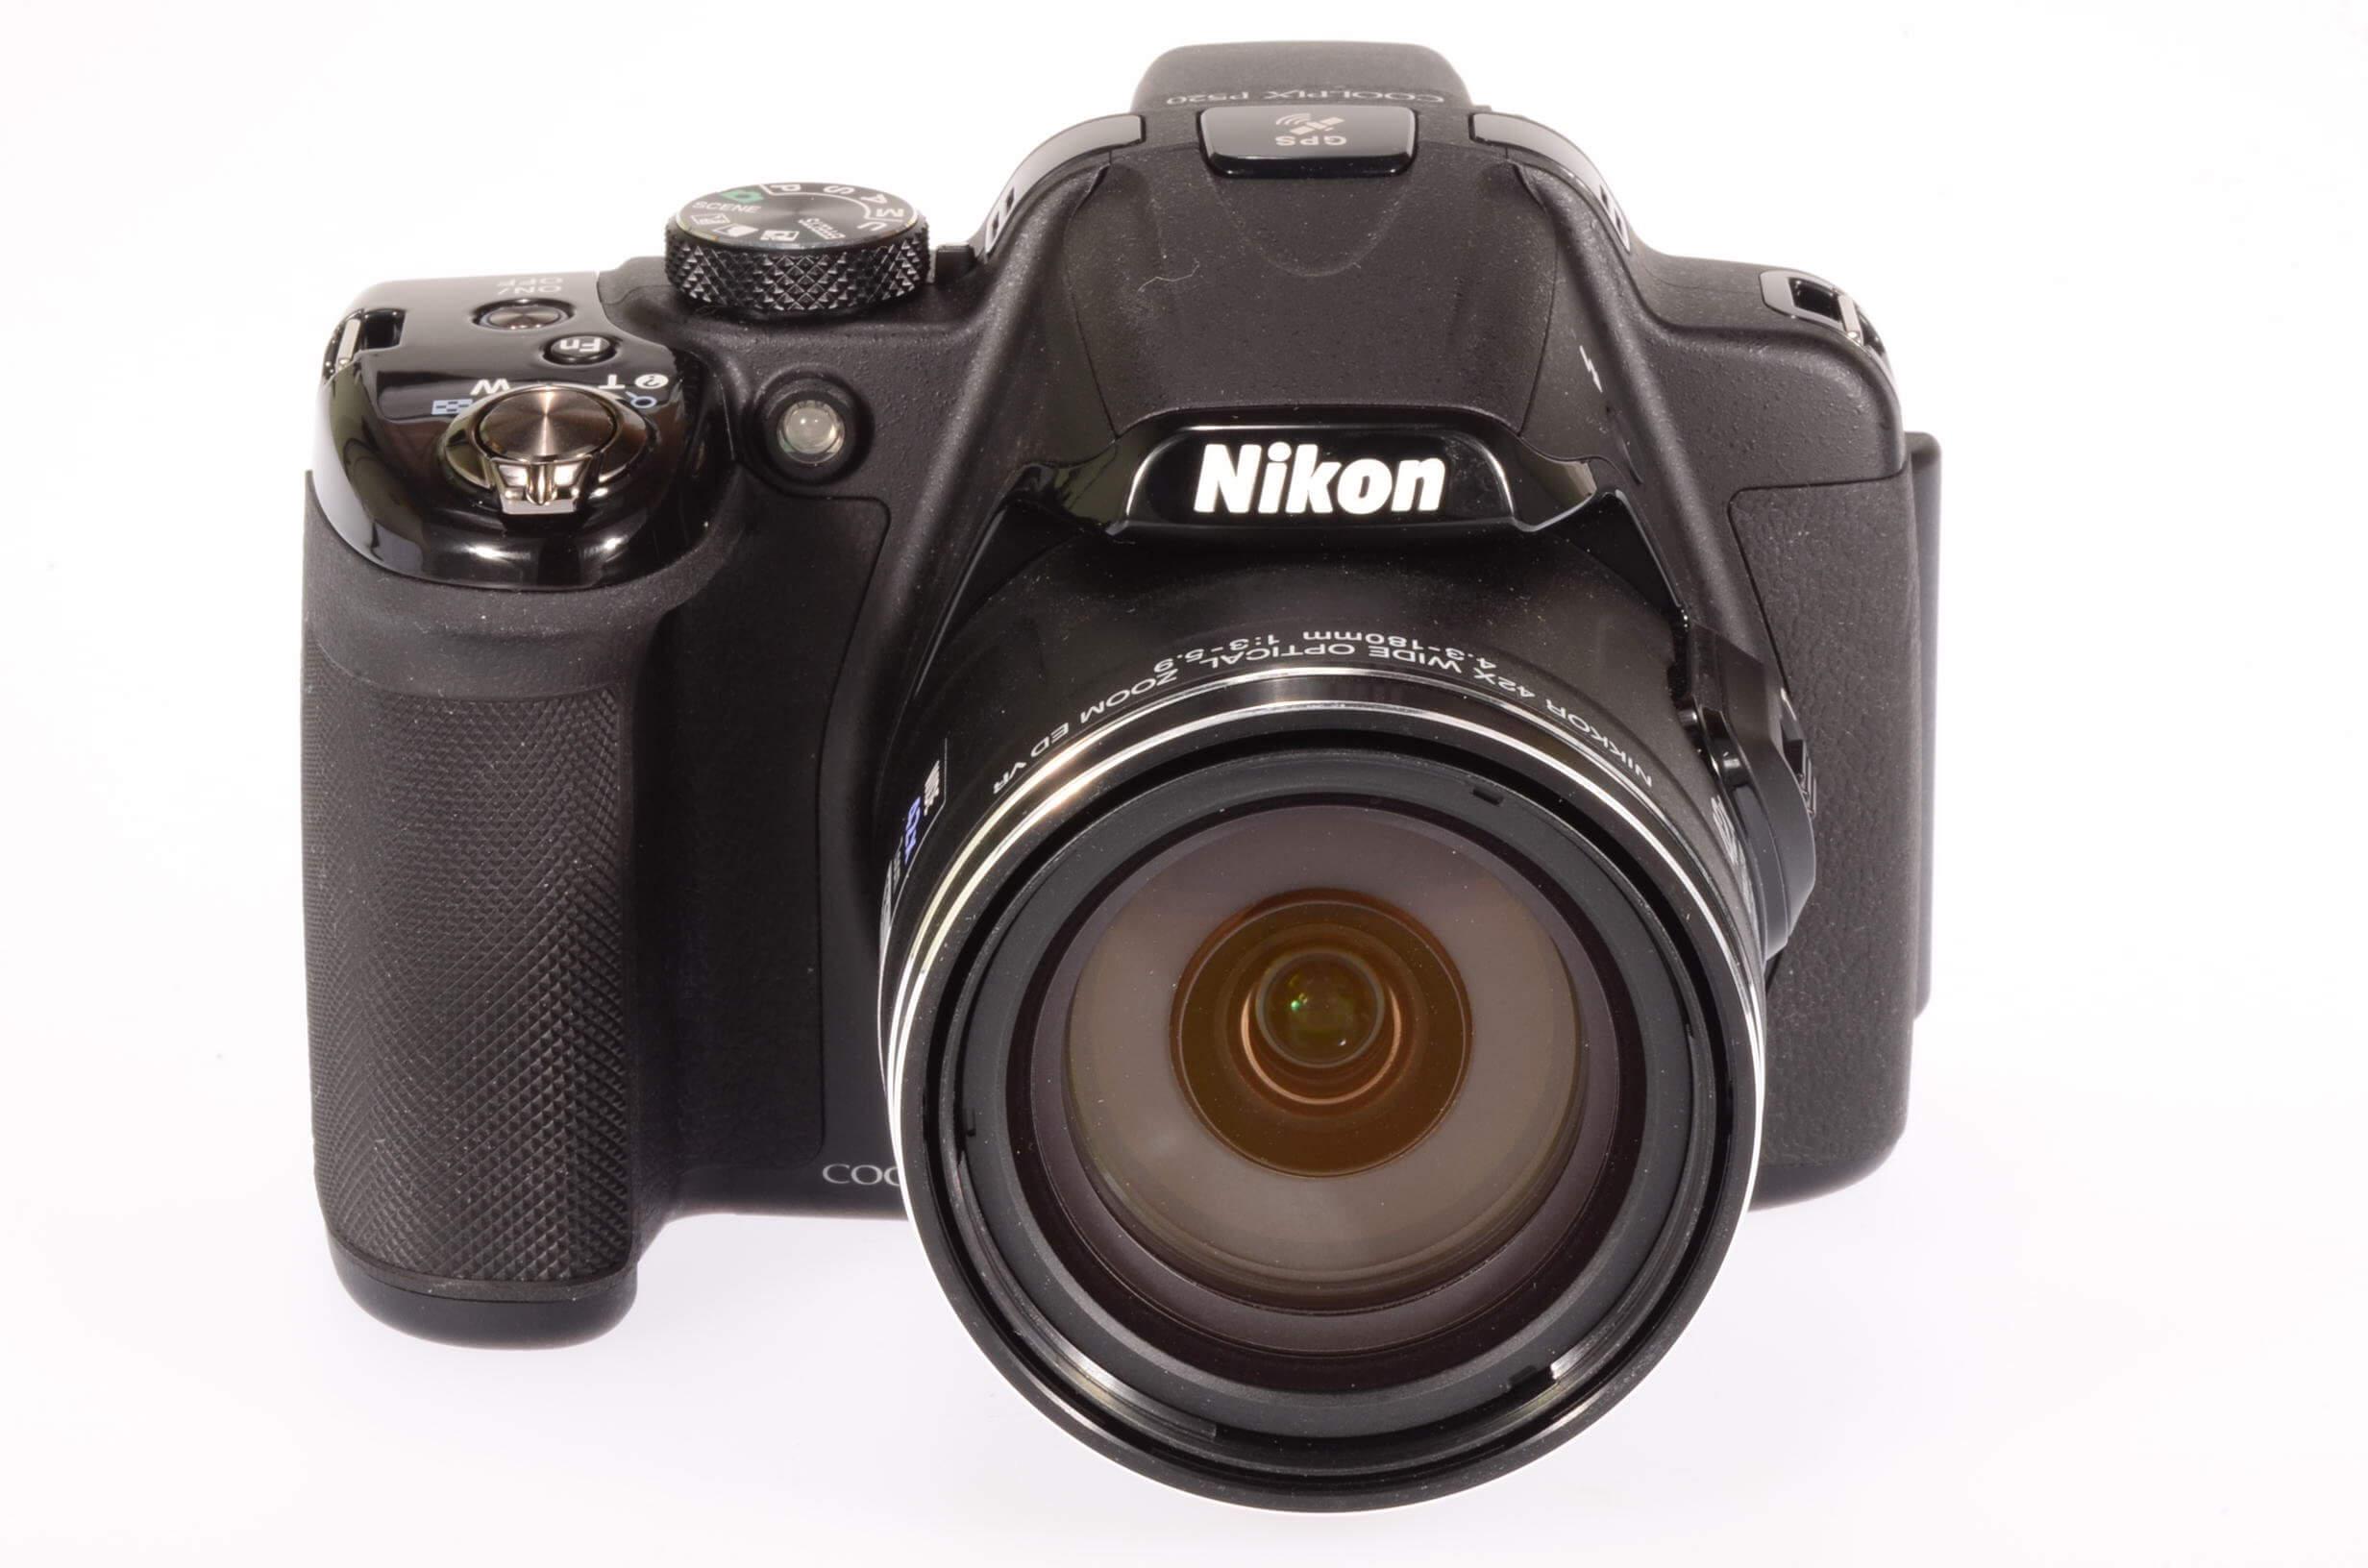 Nikon Coolpix P520 camera, gorgeous condition - mint!